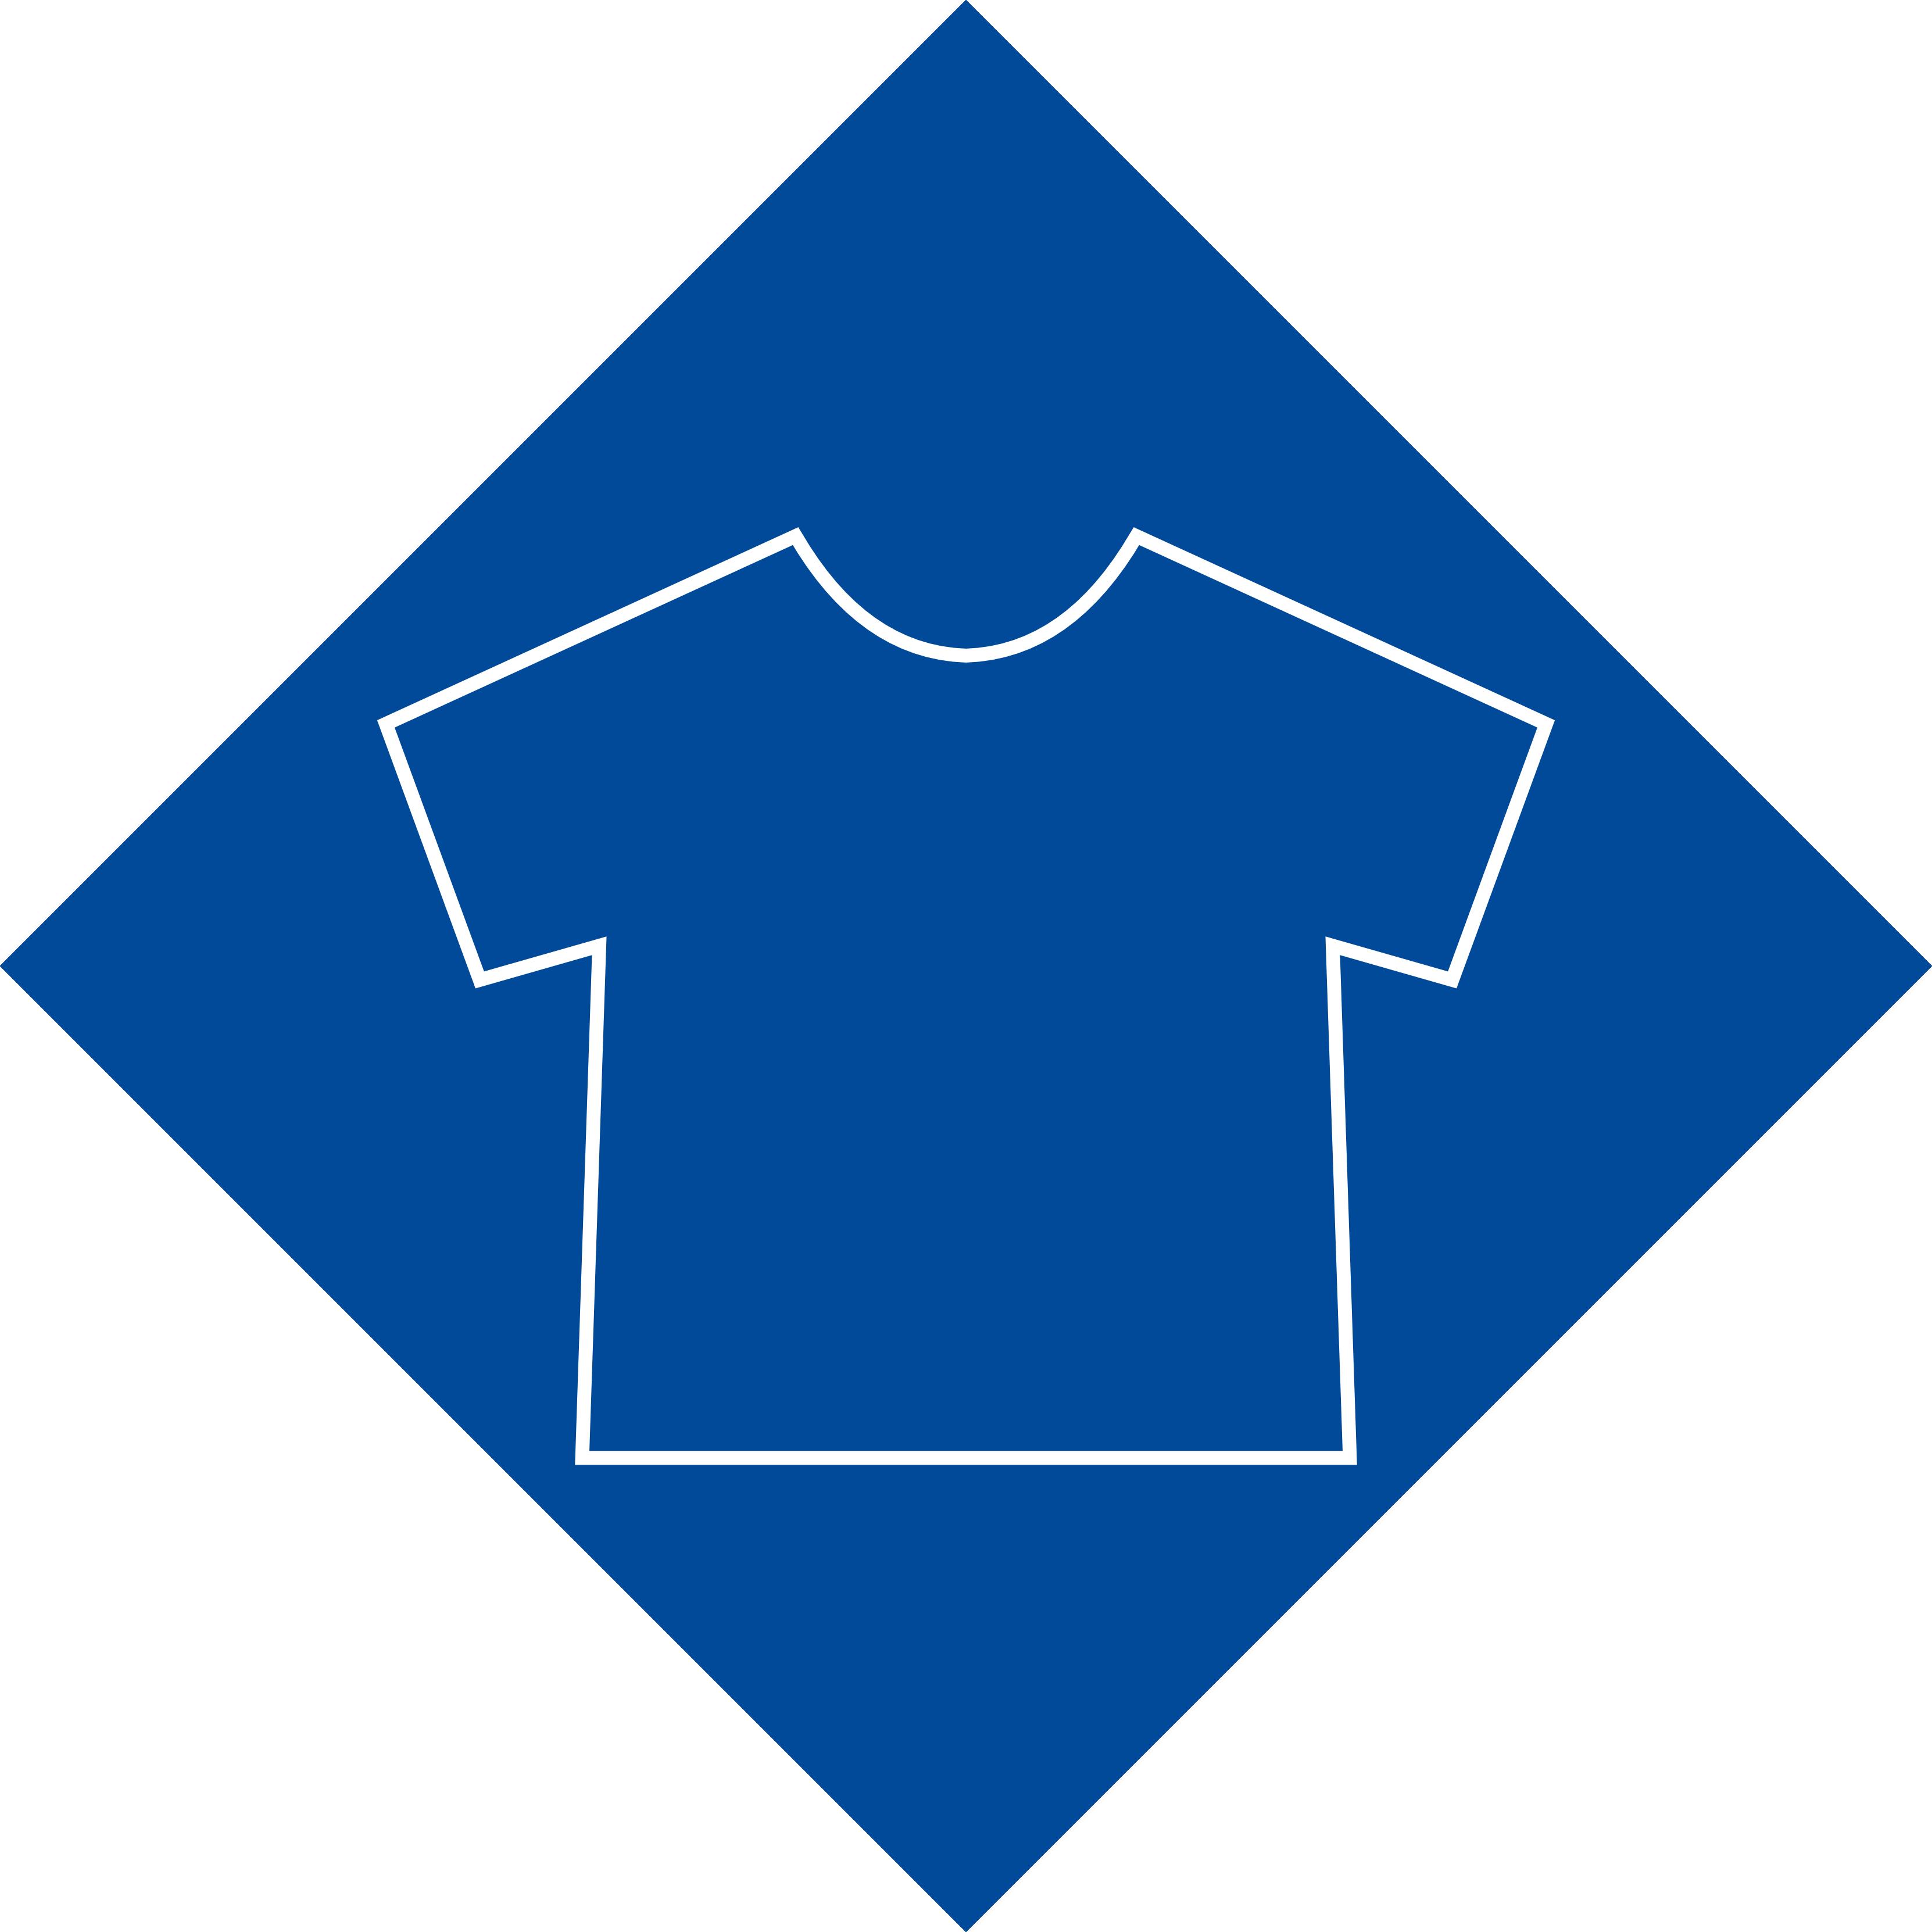 Faserpflanzen-Symbol